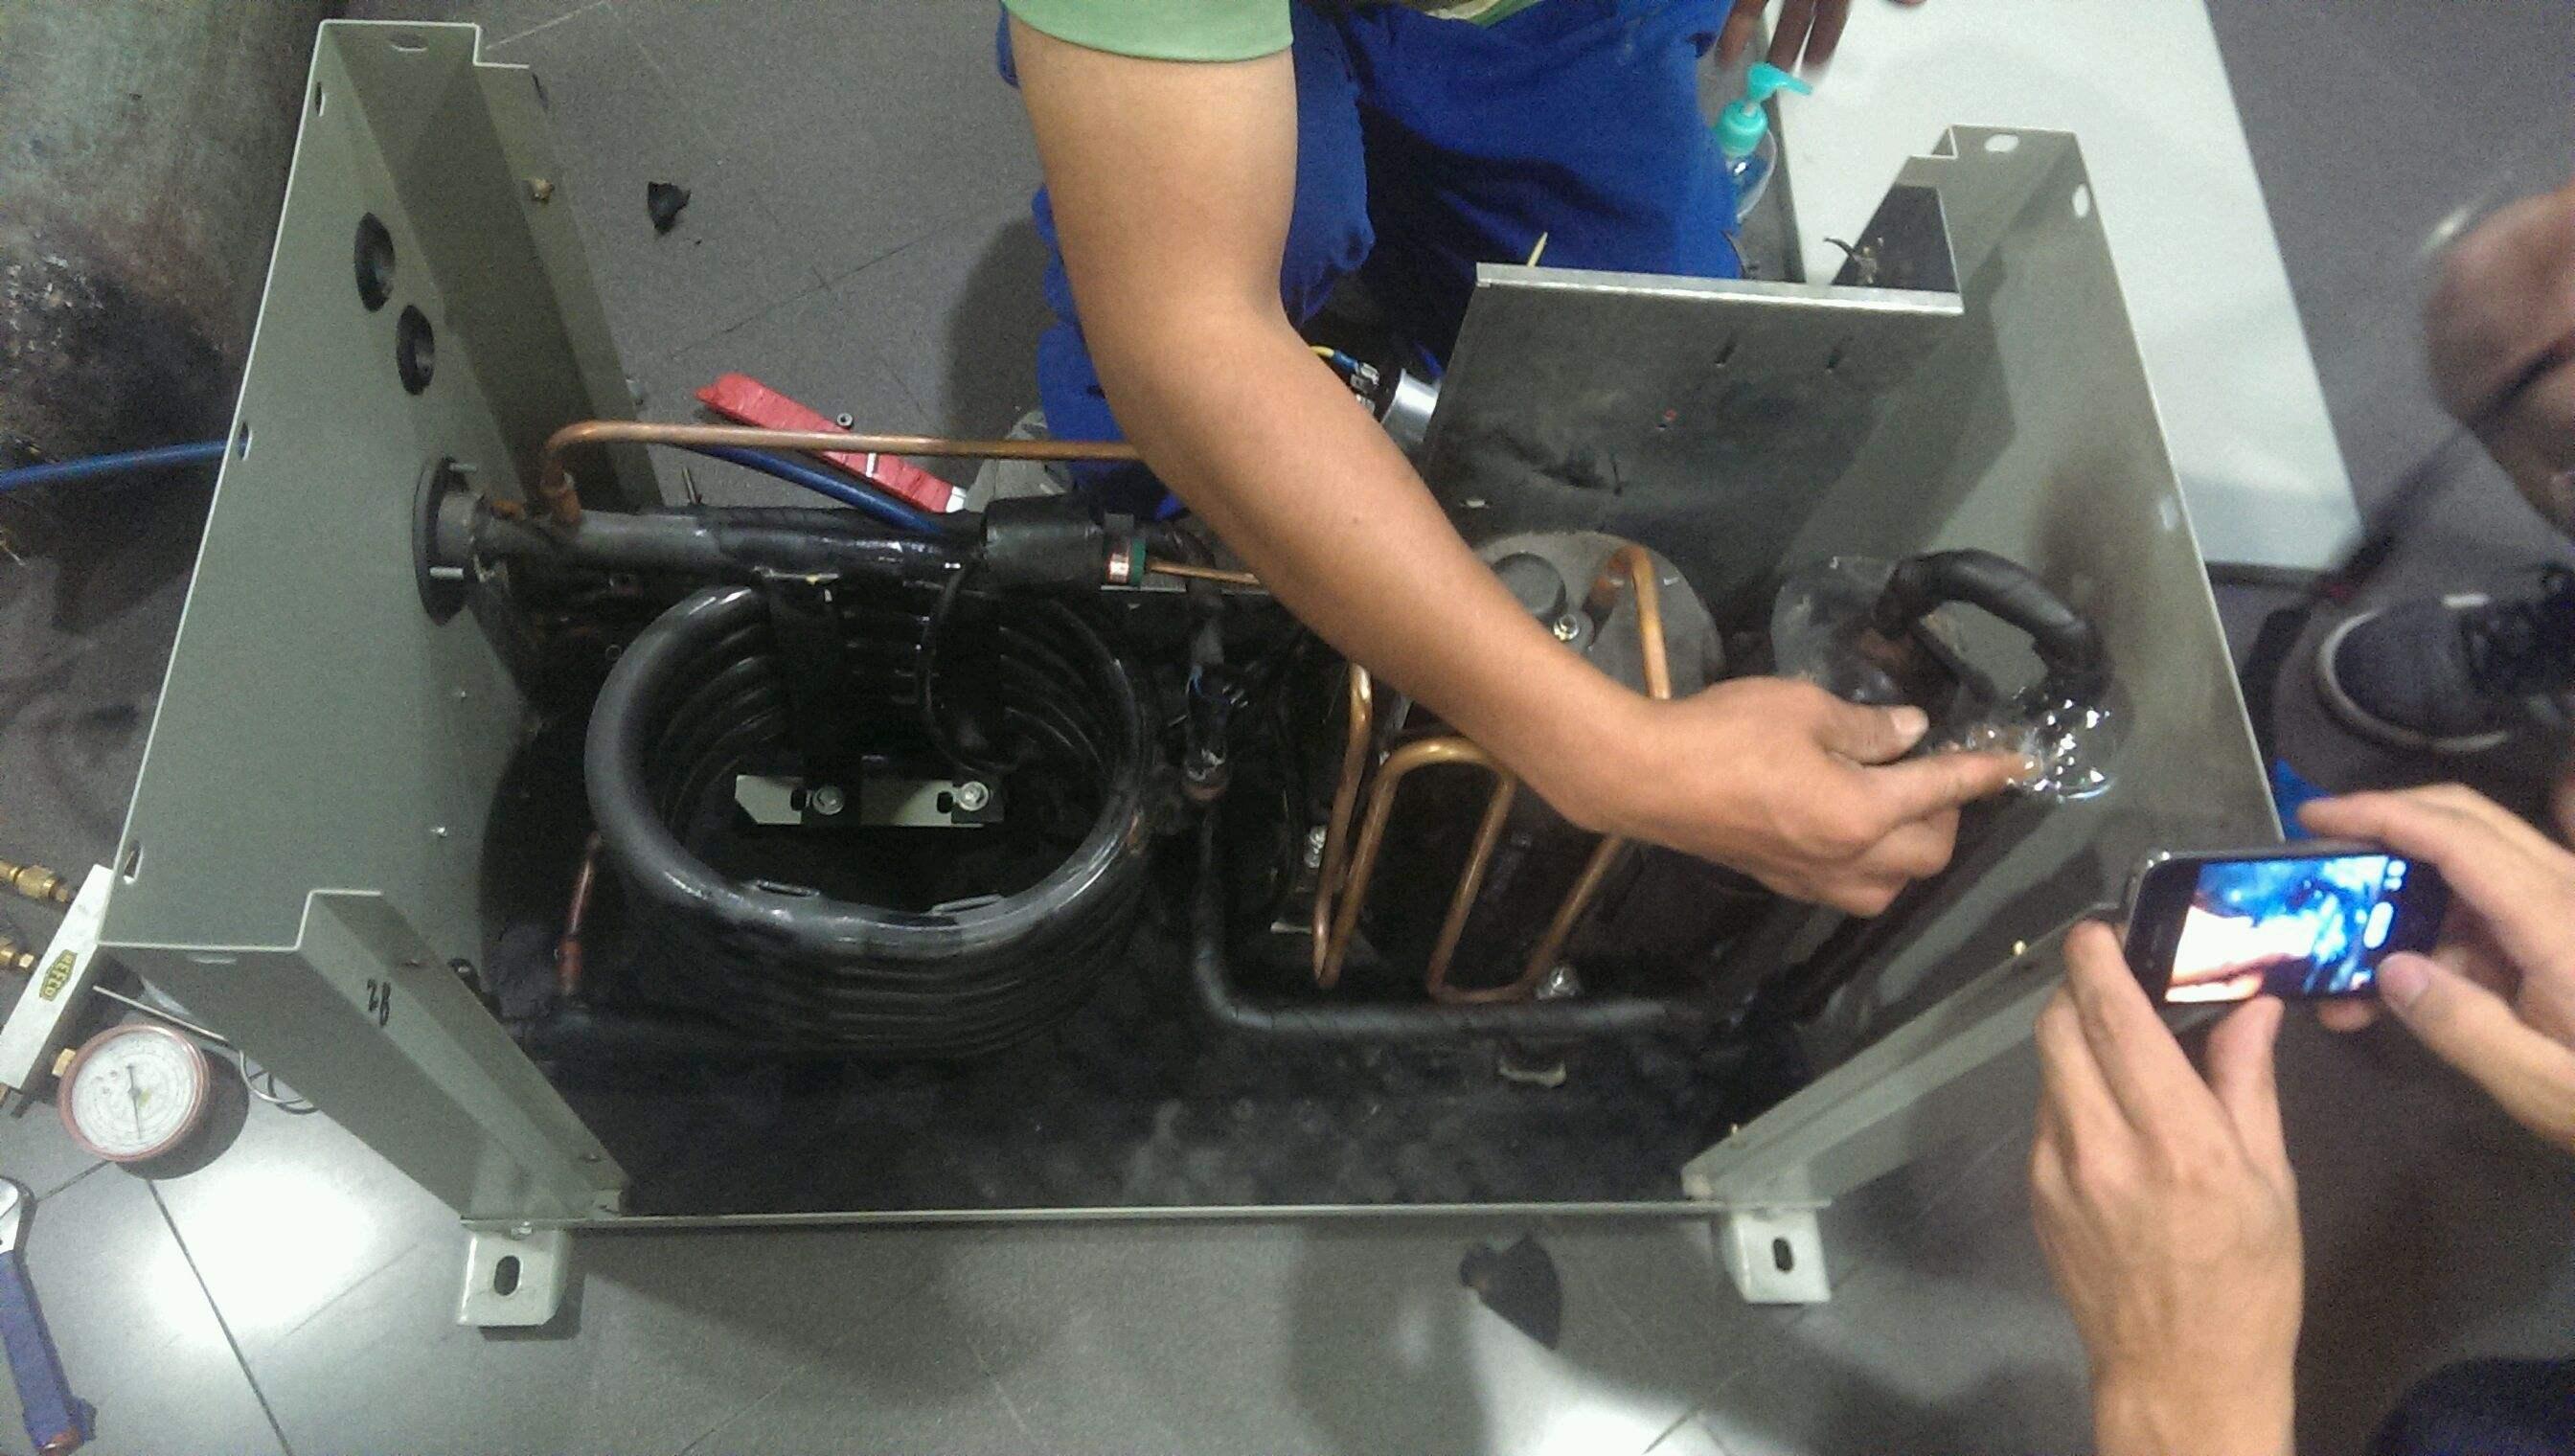 移机,空调清洗,空调加雪种,制冷设备安装维修,大小冷库建设安装,格力